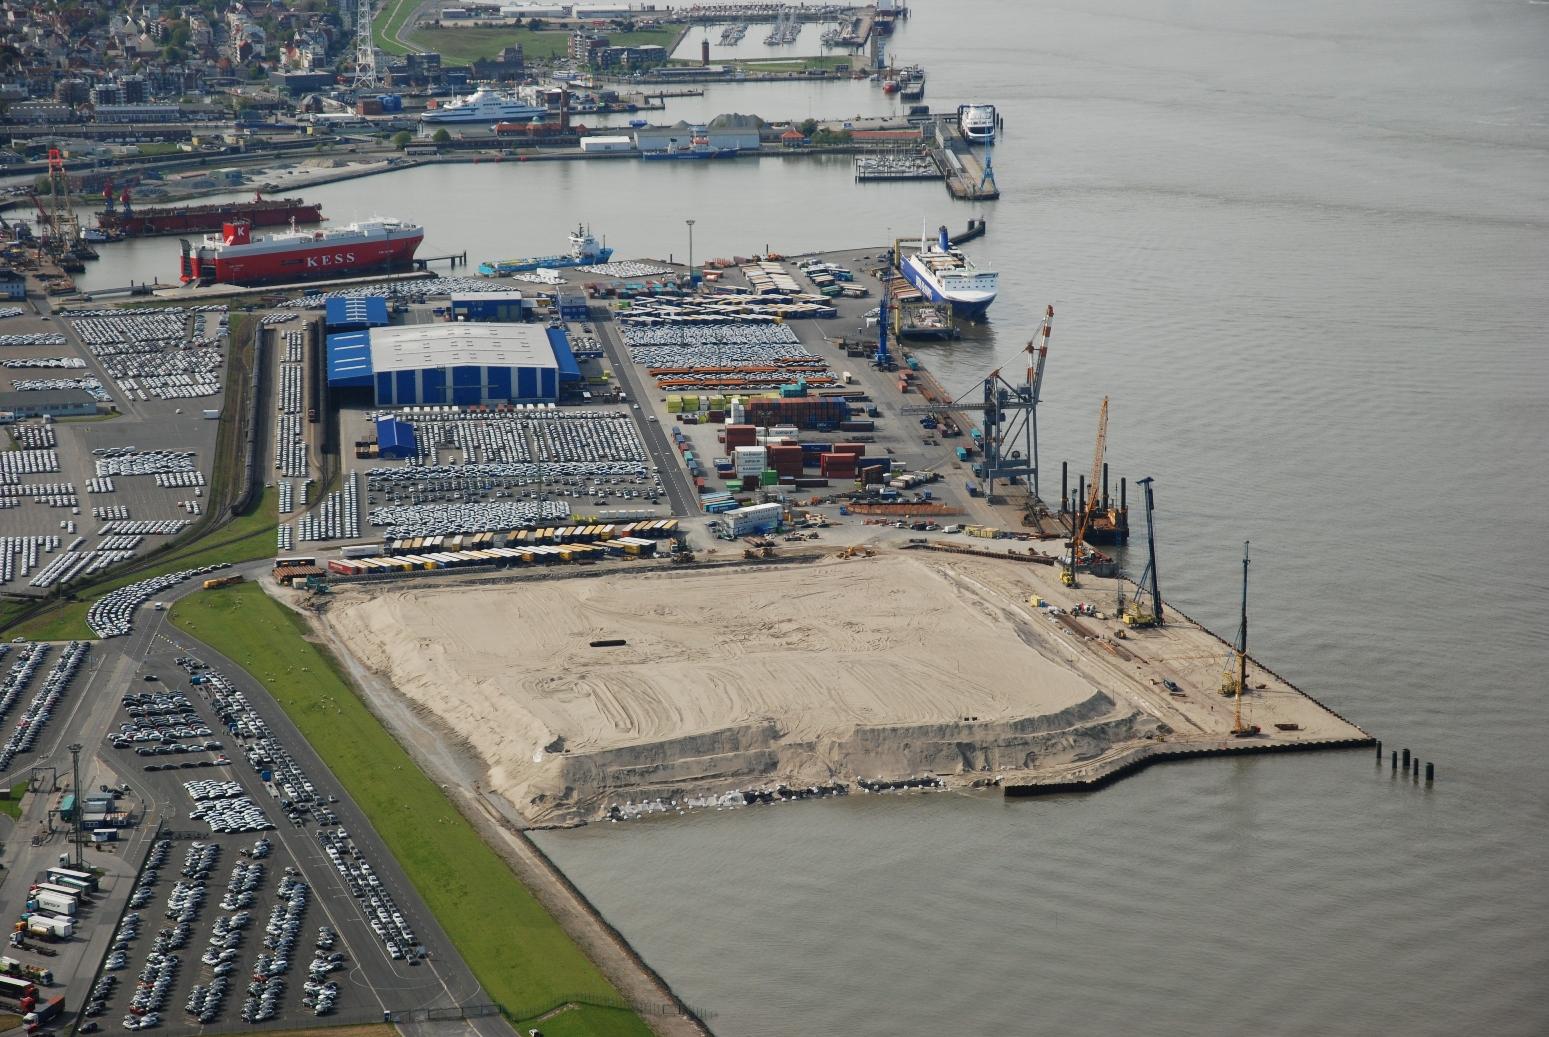 Luftbild der Baustelle des Liegeplatz 4 auf dem Gelände der Cuxport GmbH (Foto: Cuxport GmbH)